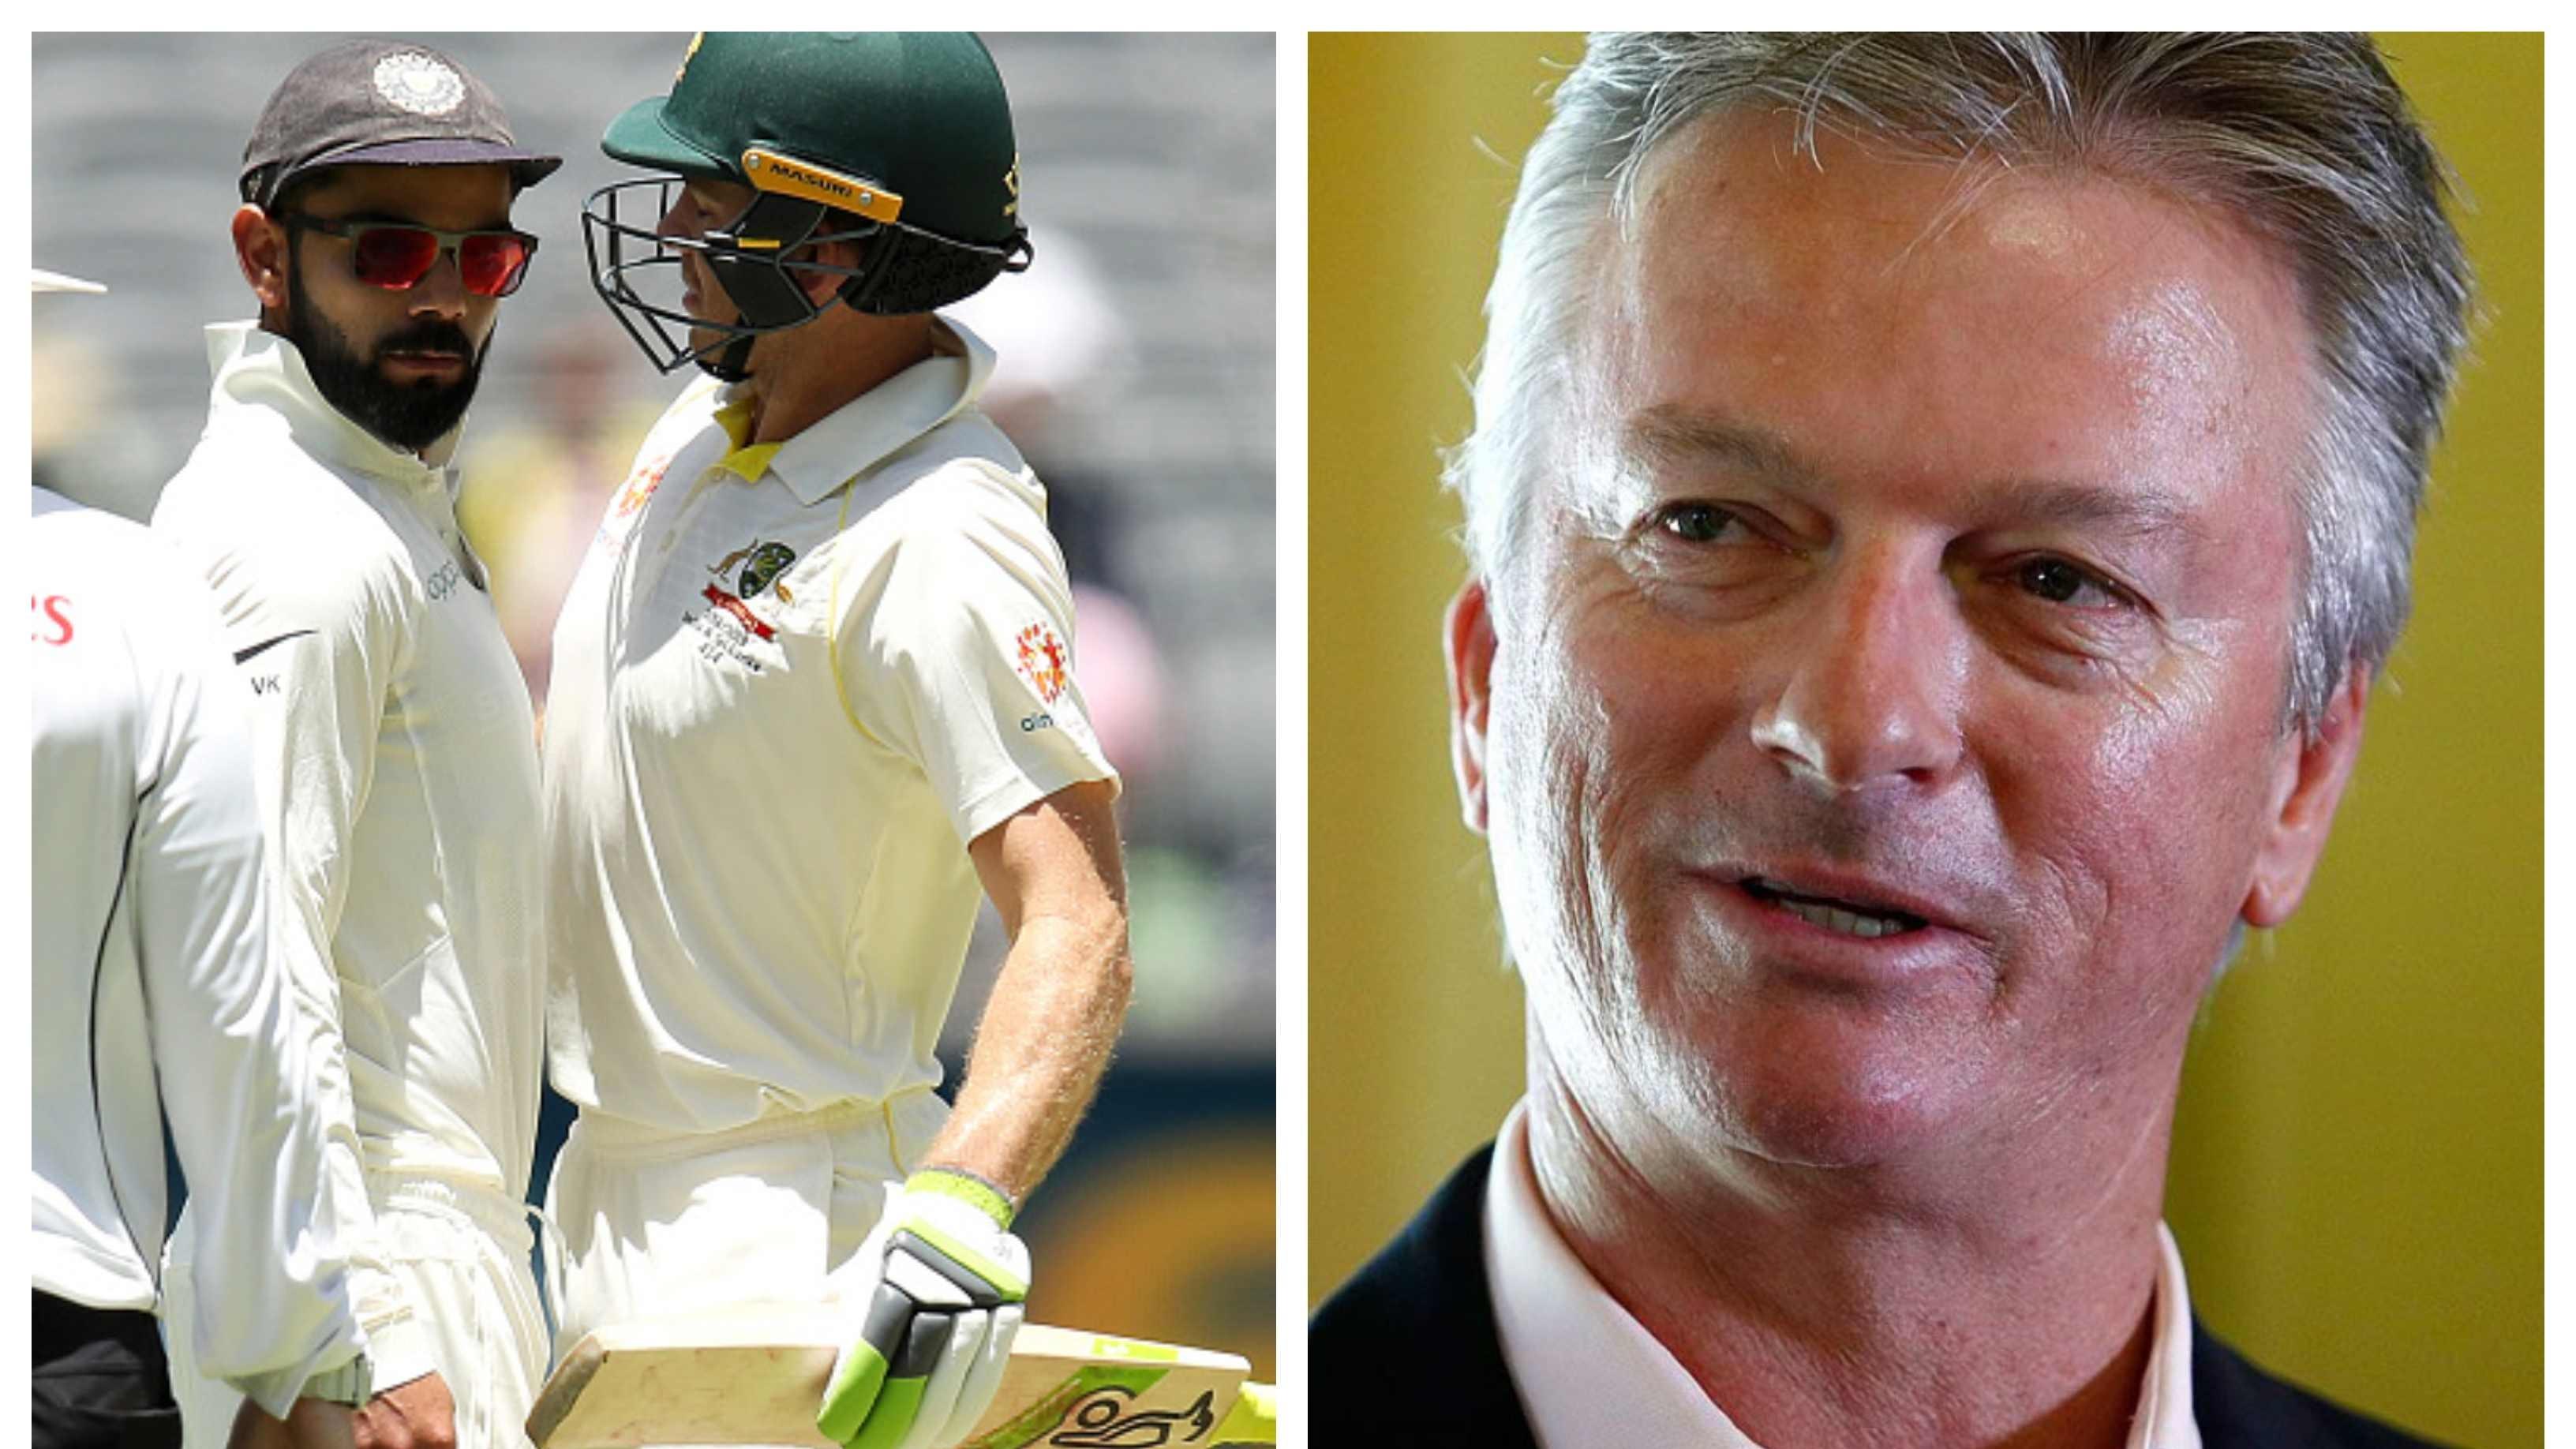 AUS v IND 2020-21: Steve Waugh warns Australian team to not sledge Virat Kohli during the Test series